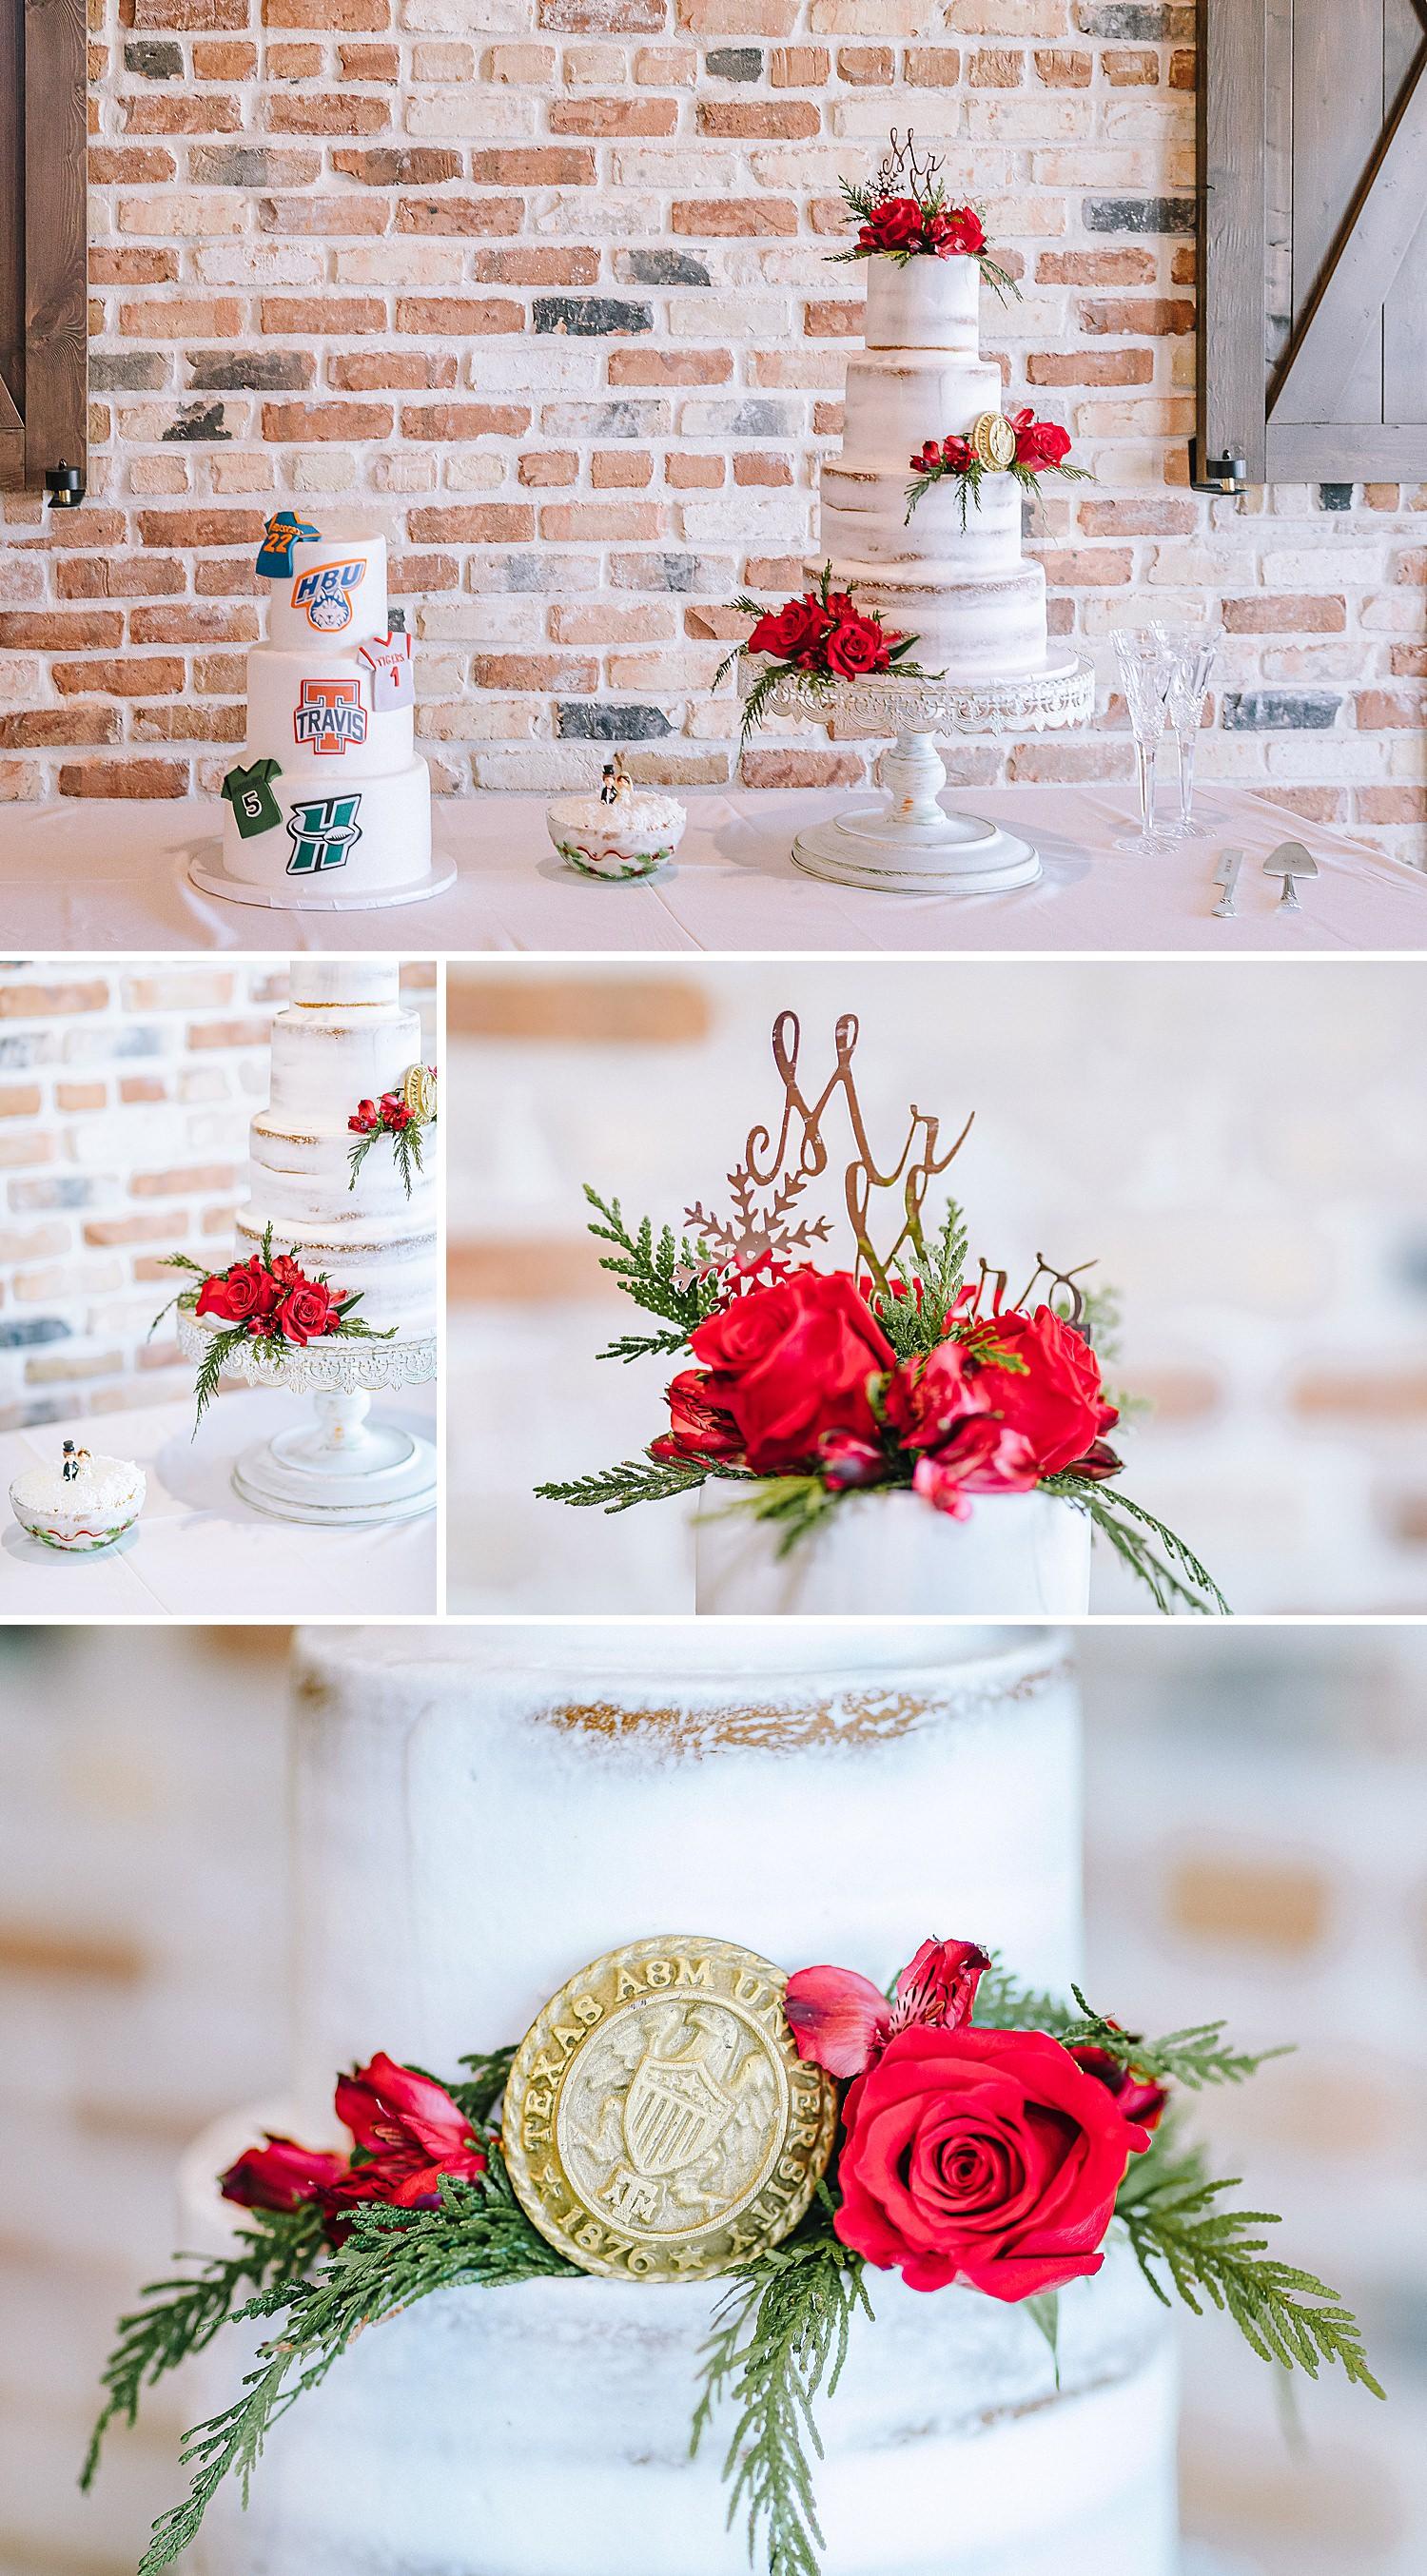 College-Station-Aggie-Wedding-The-Weinberg-at-Wixon-Valley-Christmas-Hallmark-Wedding_0011.jpg